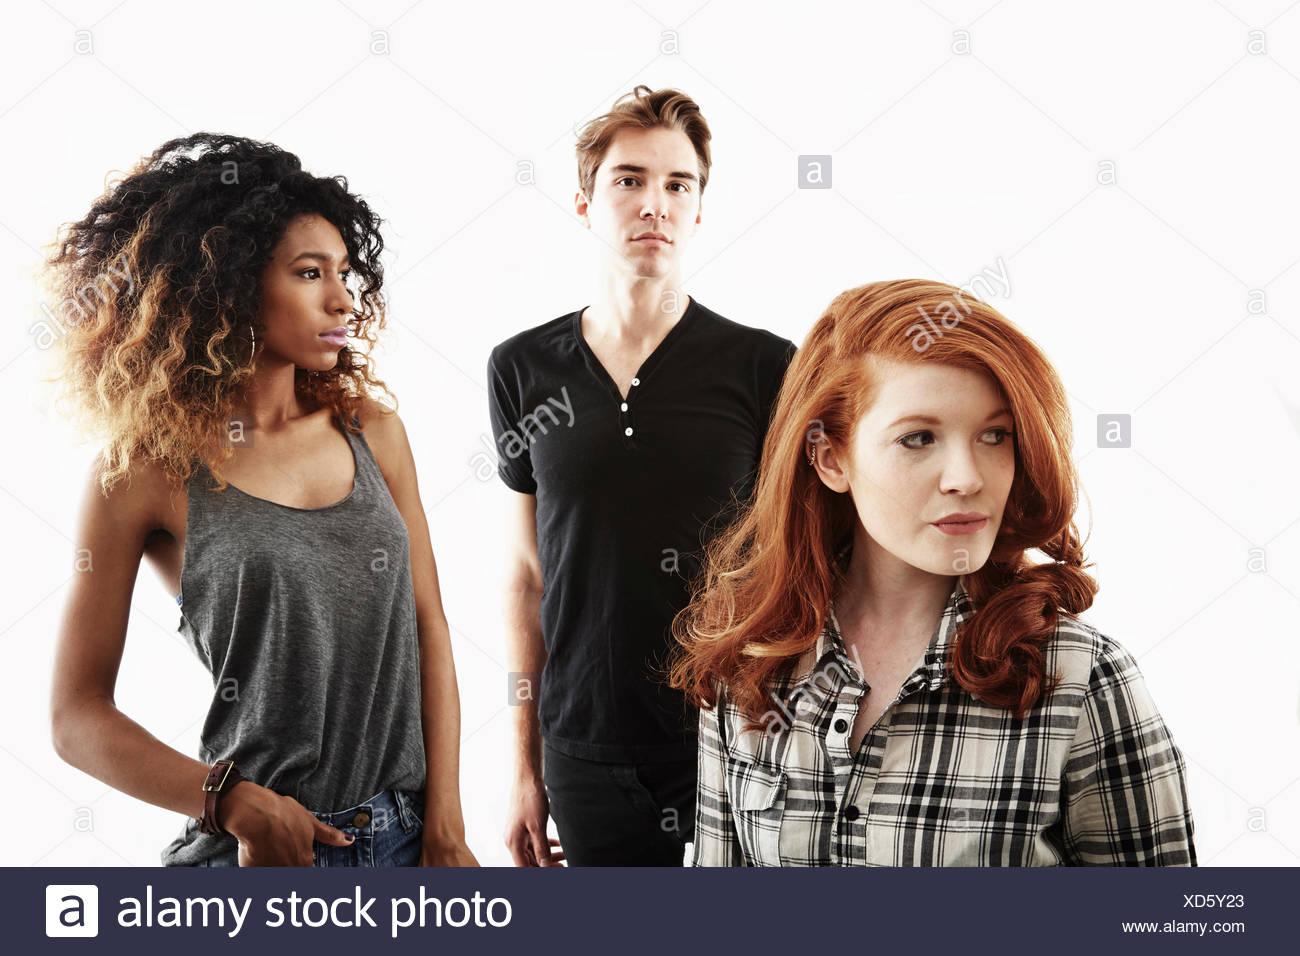 Portrait de deux jeunes femmes adultes et d'un jeune homme adulte Photo Stock